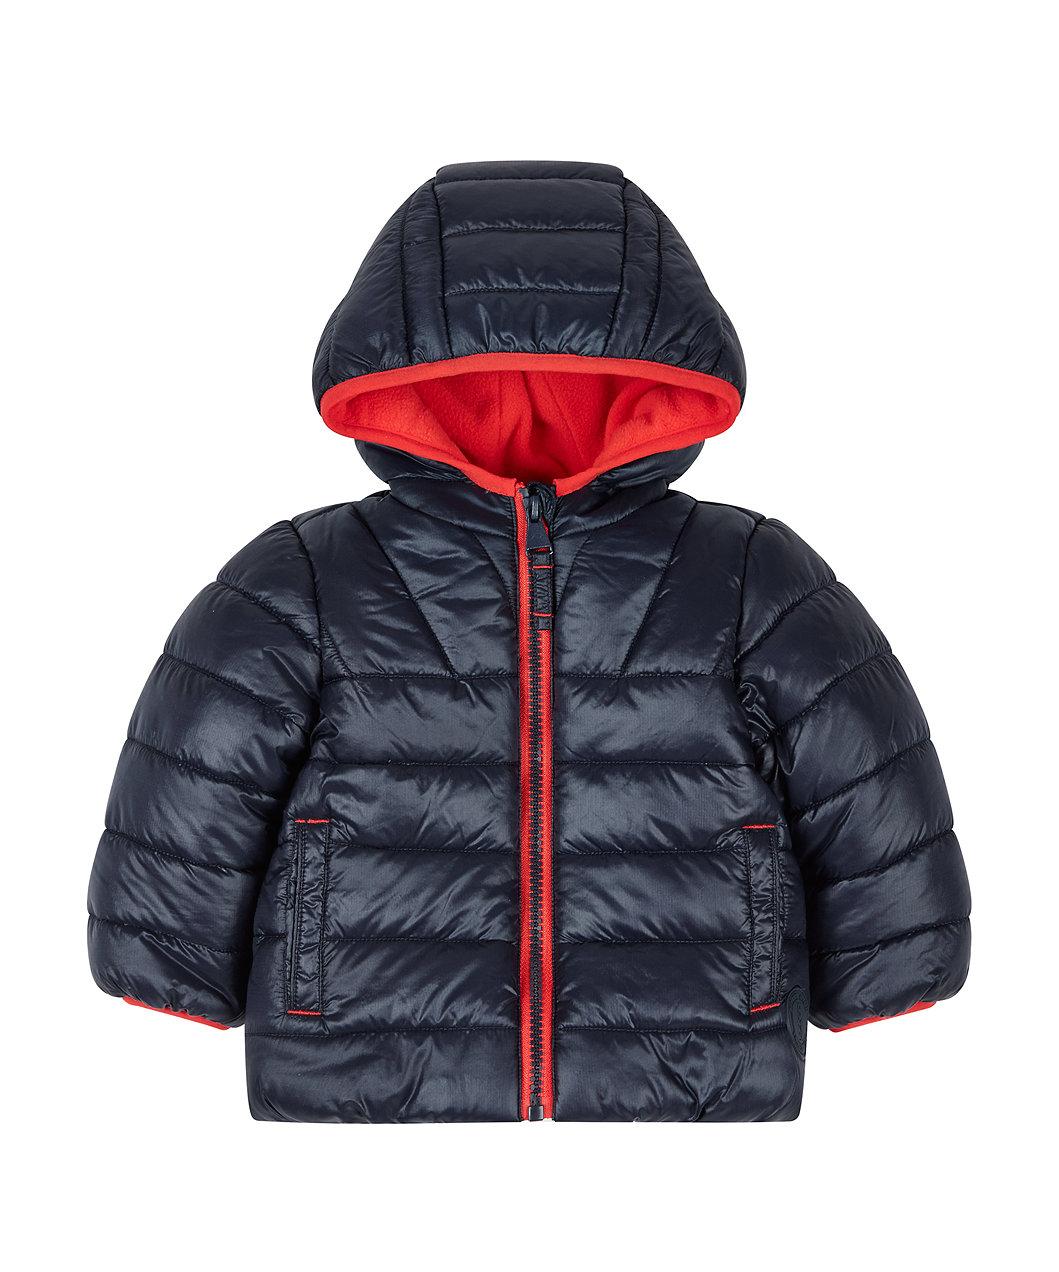 Темно-синя куртка - Жилети c45a5863a17c2